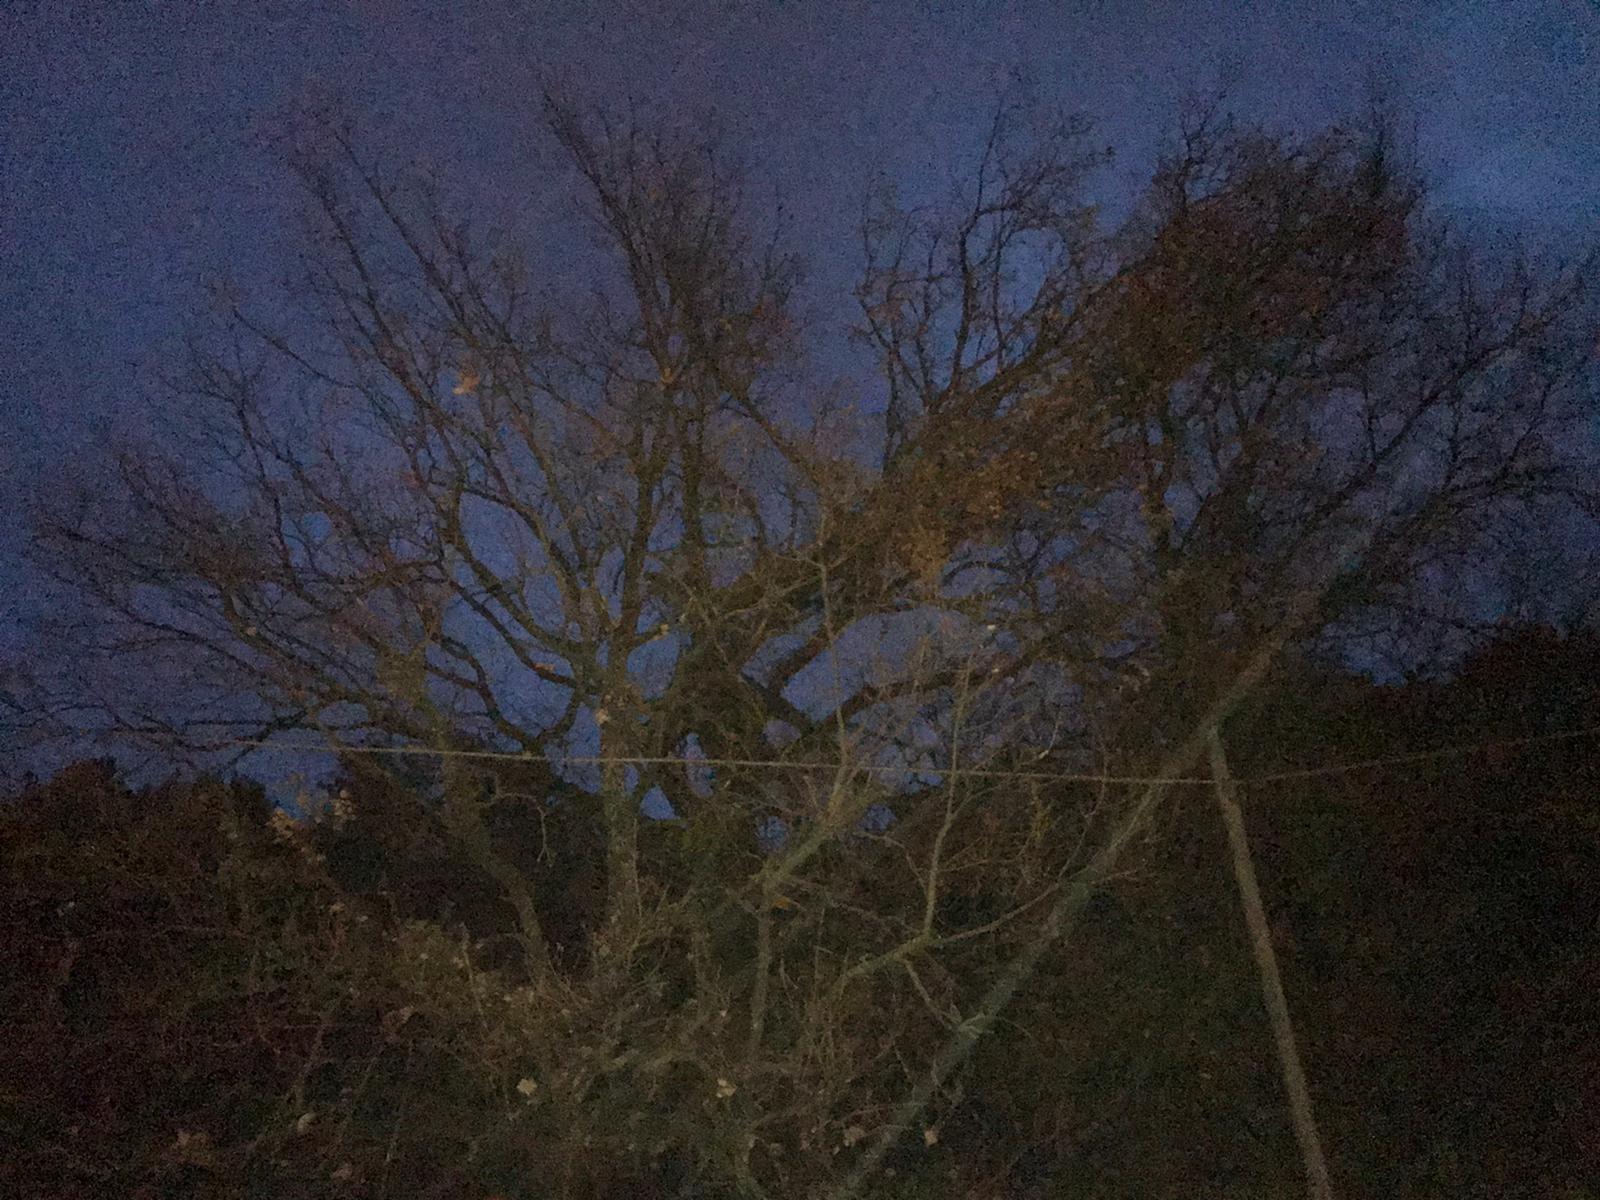 Immagini Di Piante E Alberi maltempo, ciociaria sferzata da nubifragi e vento: cadono alberi